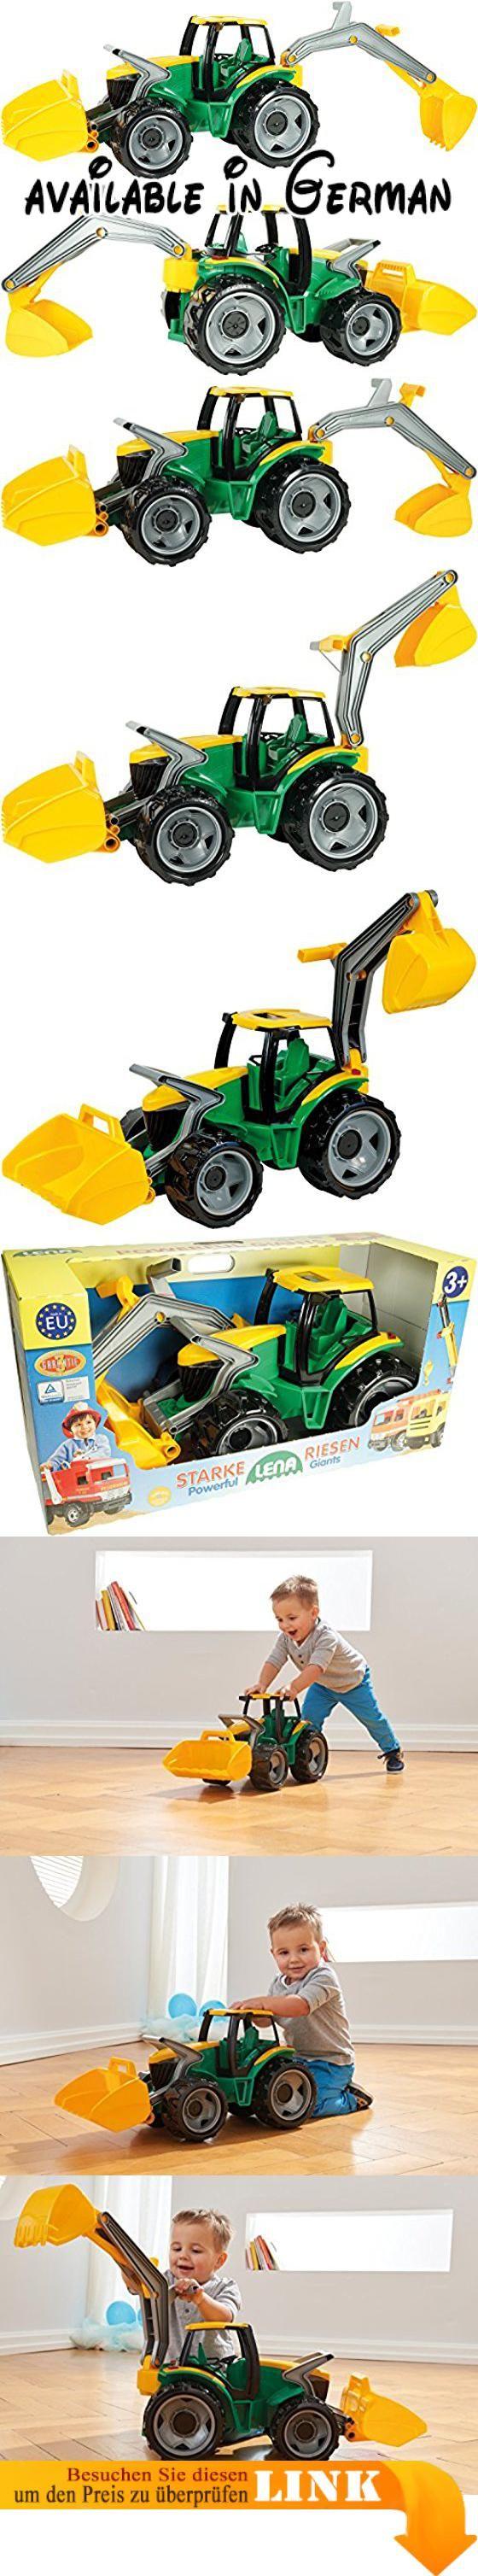 Lena 02080 - Starke Riesen Traktor mit Frontlader und Baggerarm ca. 107 cm. Starke Riesen Traktor mit Frontlader und Baggerarm aus hochwertigem Kunststoff und mit 6mm verzinkte Stahlachsen. Länge: ca. 107 cm Farben grün / gelb. Mit großer Schaufel mit ergonomisch geformte Bügel zur Bedienung, abnehmbaren Baggerarm und Schiebedach in der Fahrerkabine. Geeignet für Kinder ab 3 Jahren für drinnen und draußen, auch im Sand. 3 Jahre Garantie. Hergestellt in der EU. Spielgut!